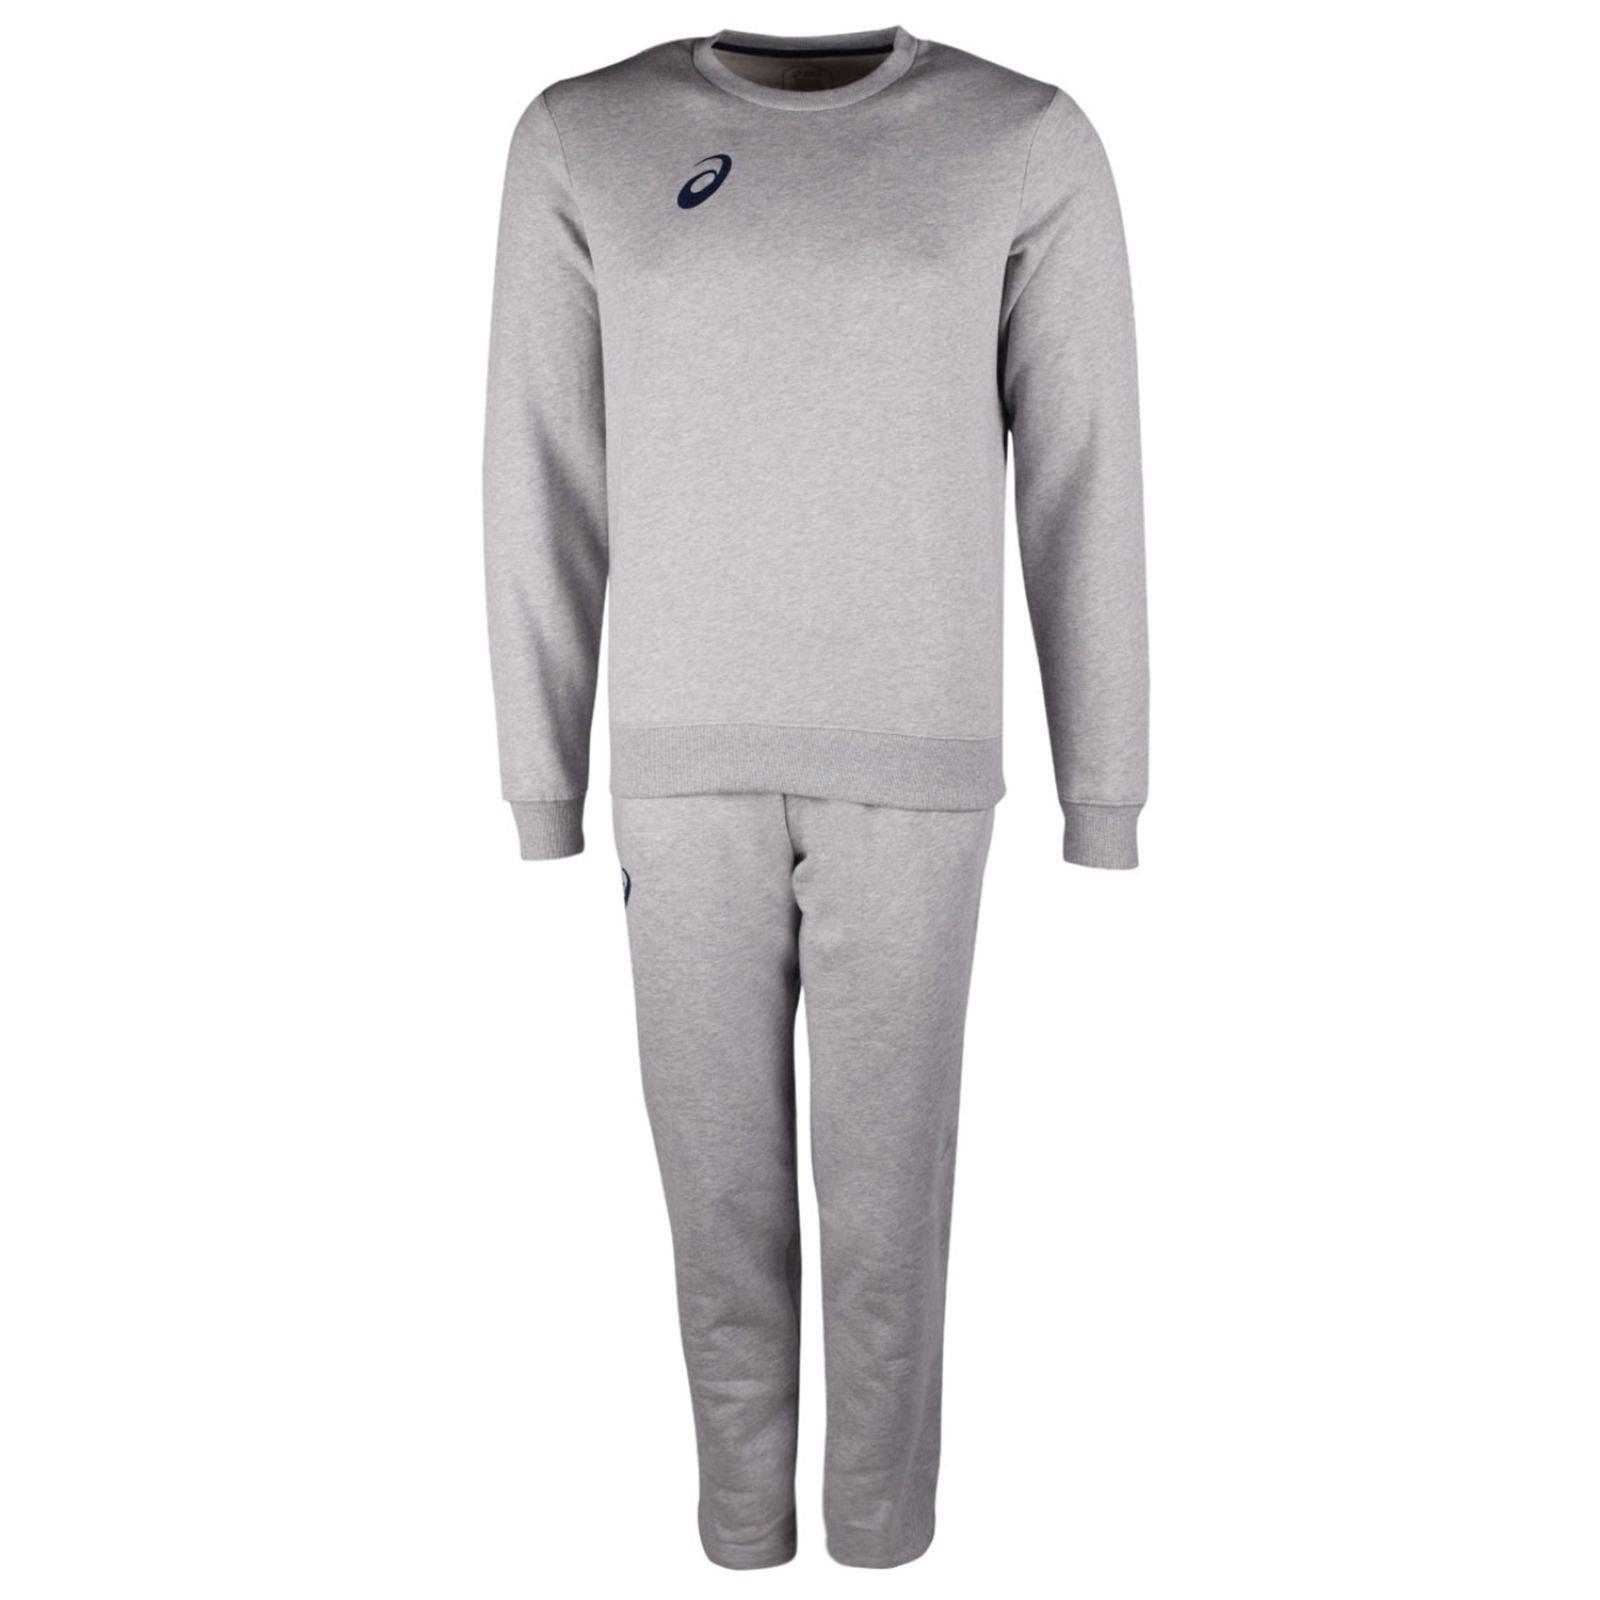 Спортивный костюм Asics Man Fleece Suit, серый,